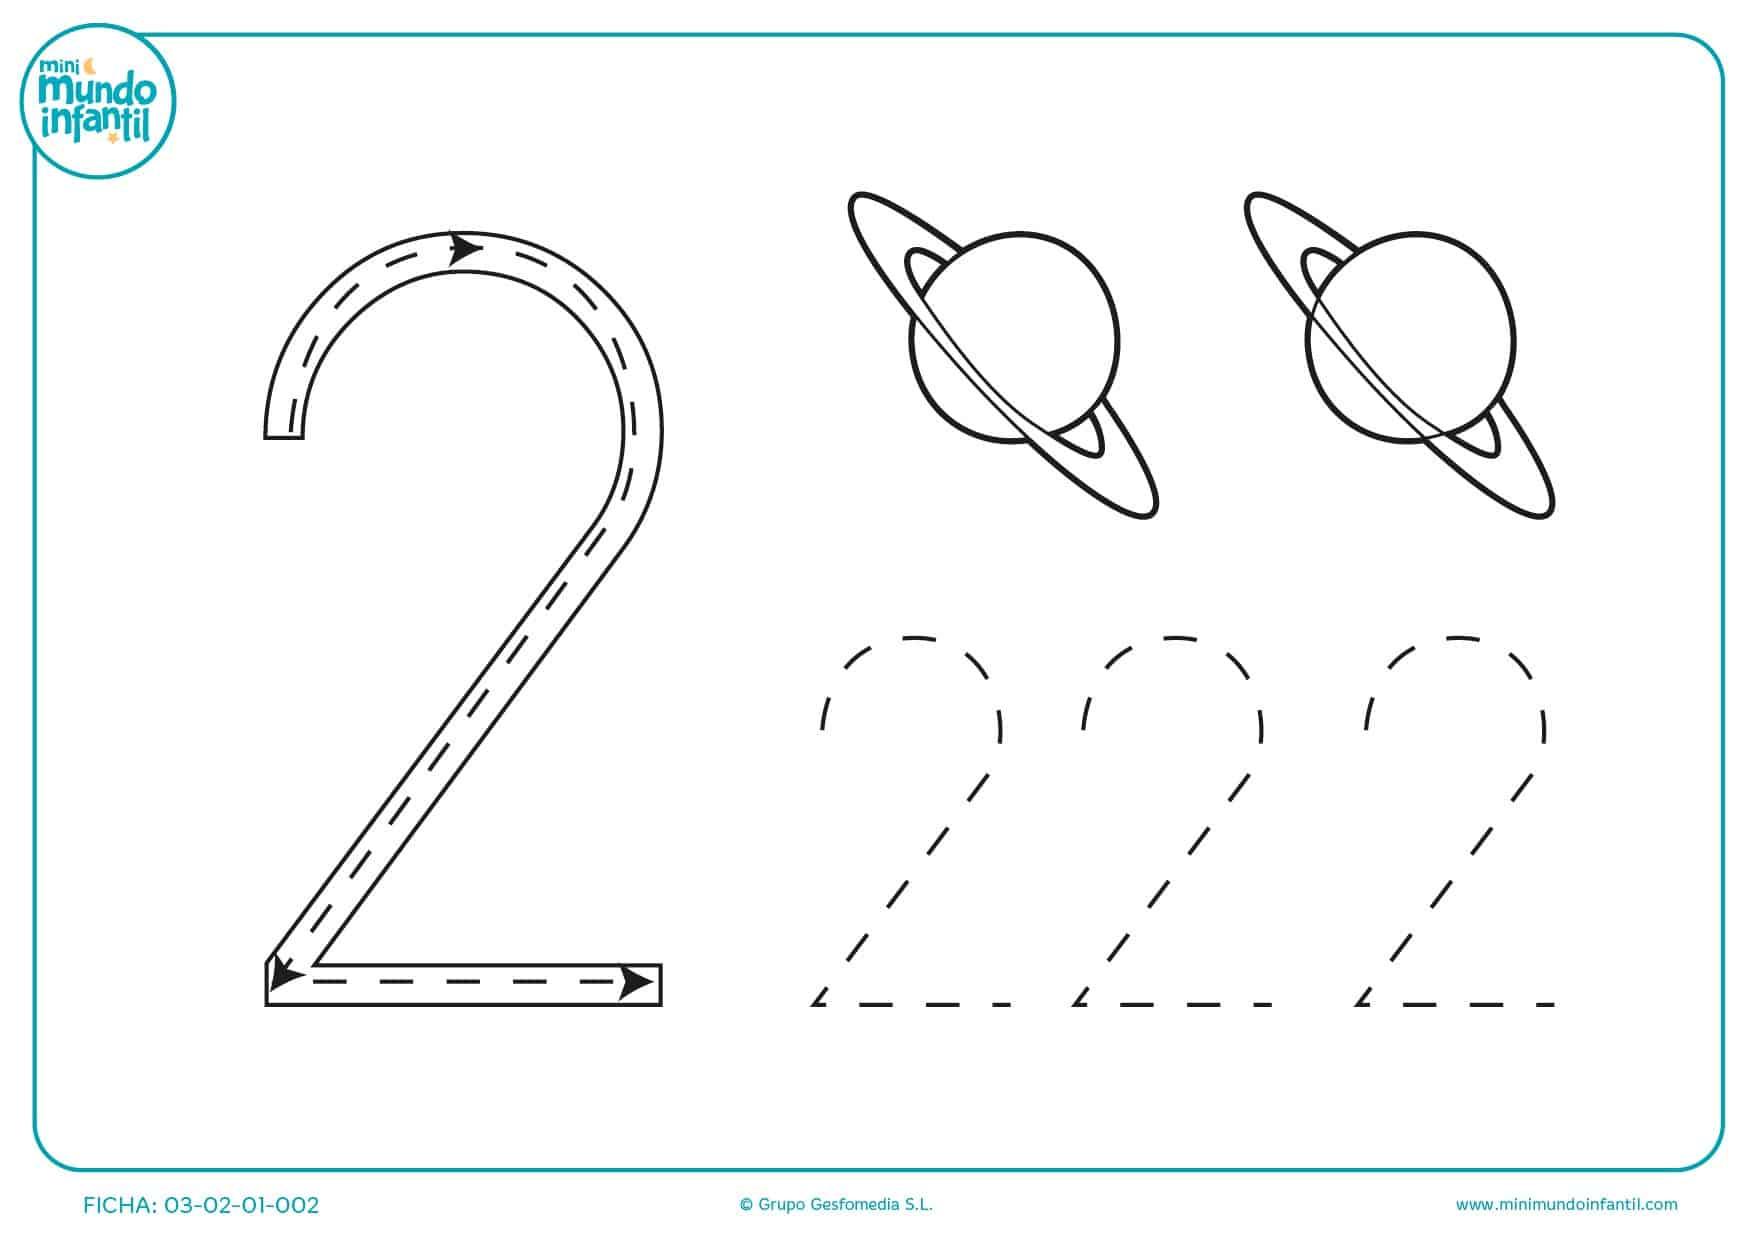 Juega y observa los planetas y los números 2 en diferentes formas